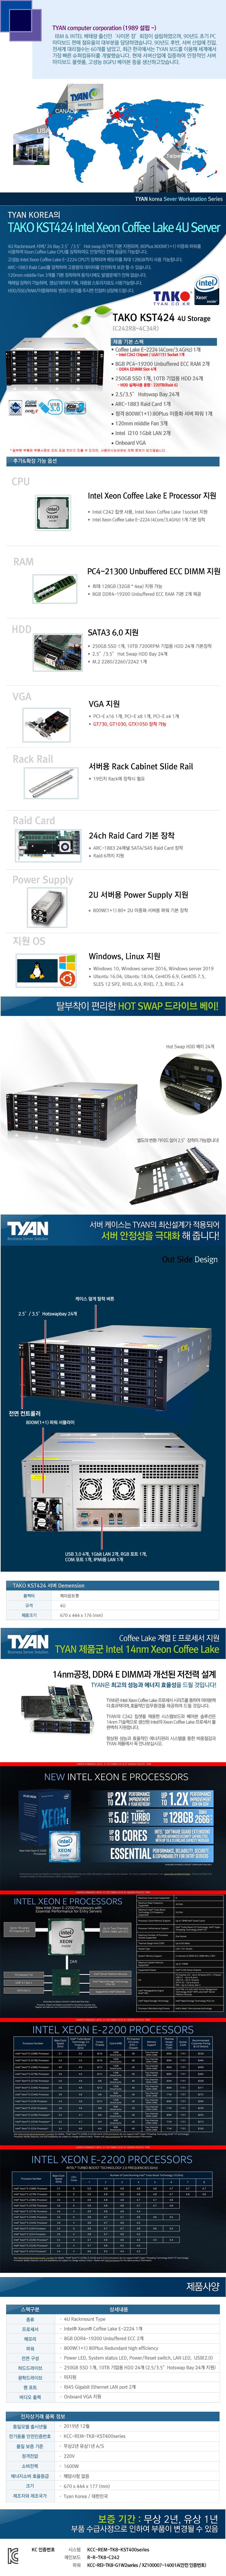 TYAN TAKO-KST424-(C242R8-4C34R) (16GB, SSD 250GB + 220TB)